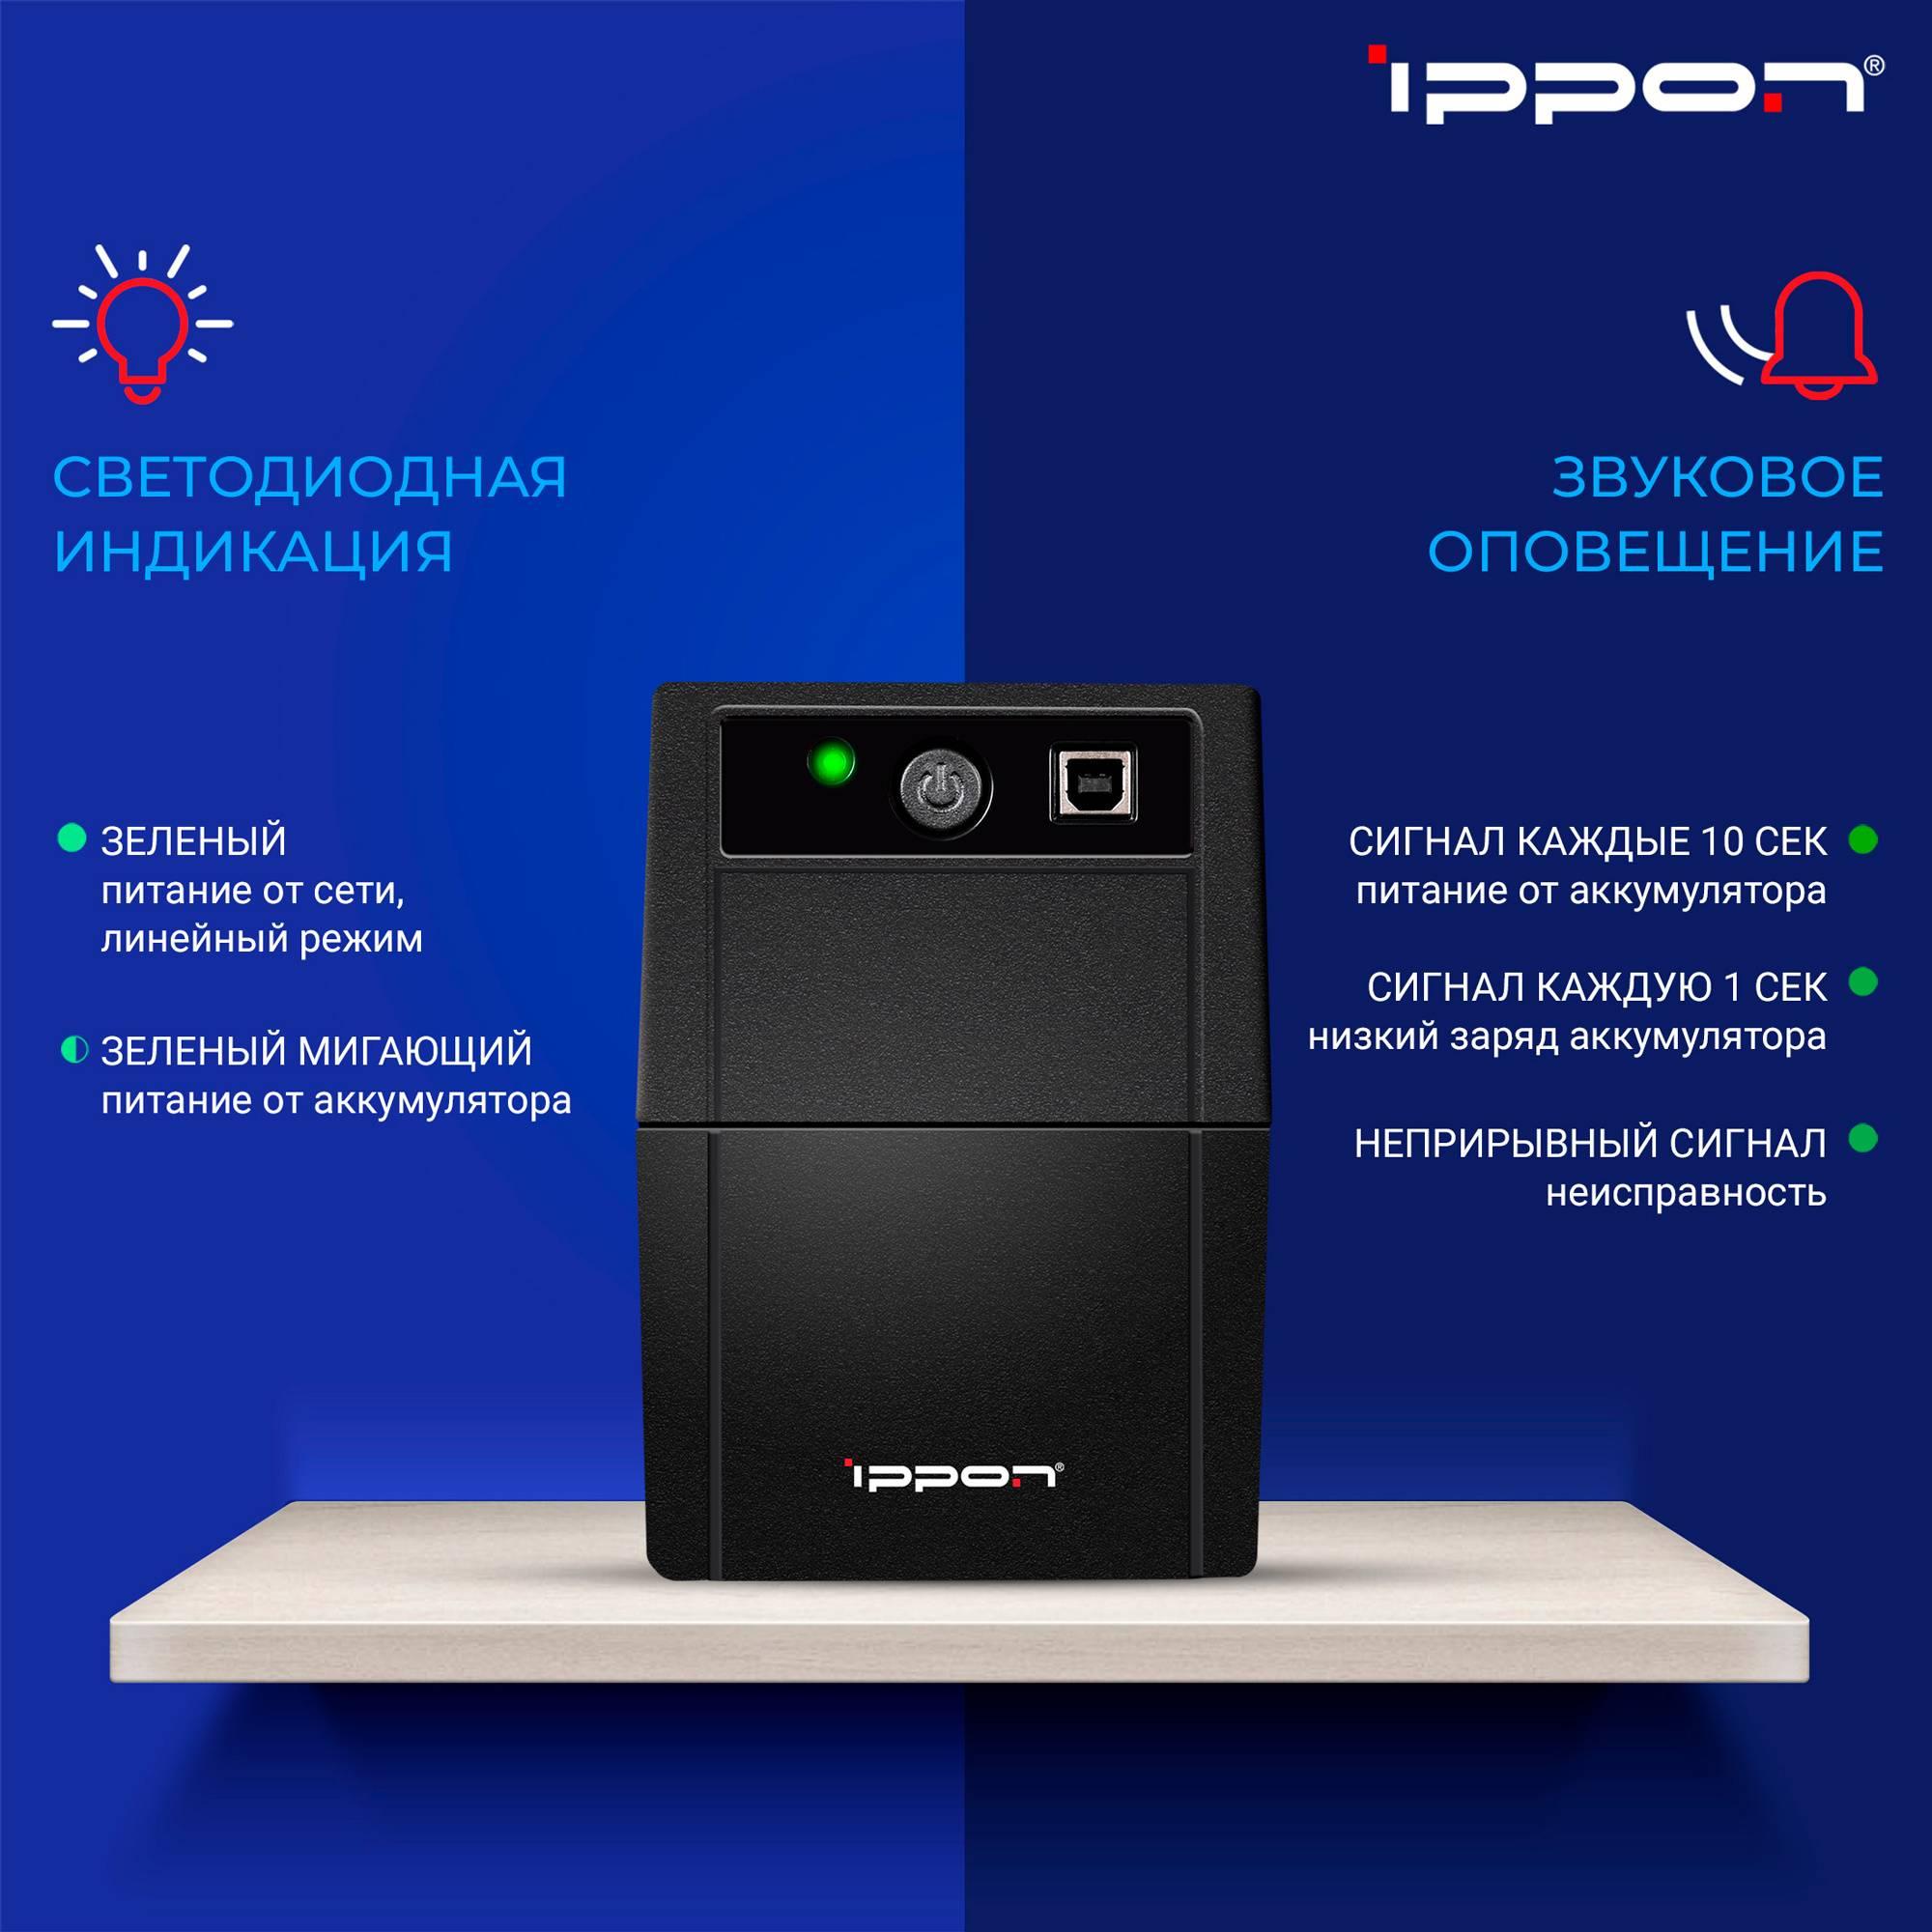 ИБП Ippon Back Basic 850 (403406) - фото 3